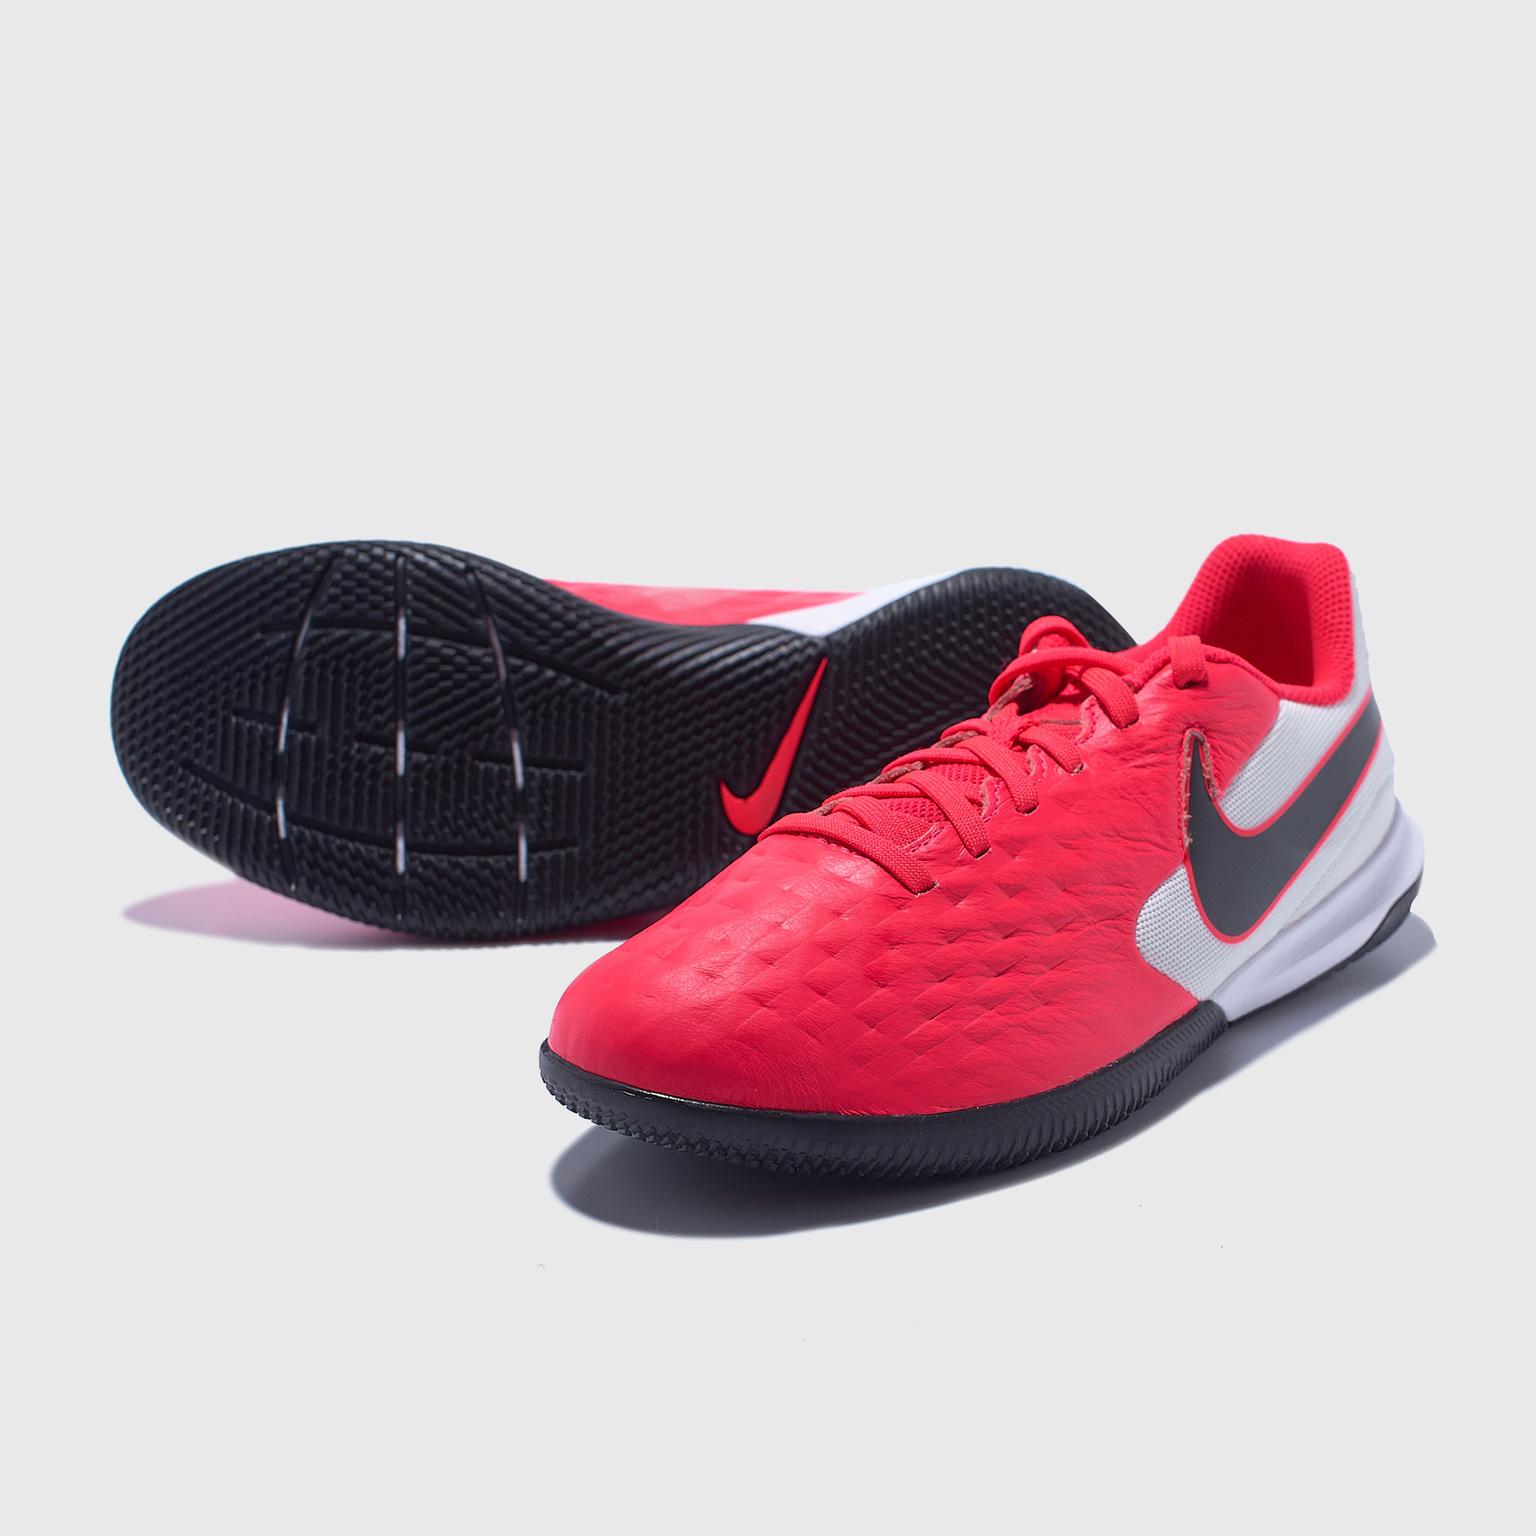 Футзалки детские Nike Legend 8 Academy IC AT5735-606 футзалки детские nike legend 8 academy ic at5735 606